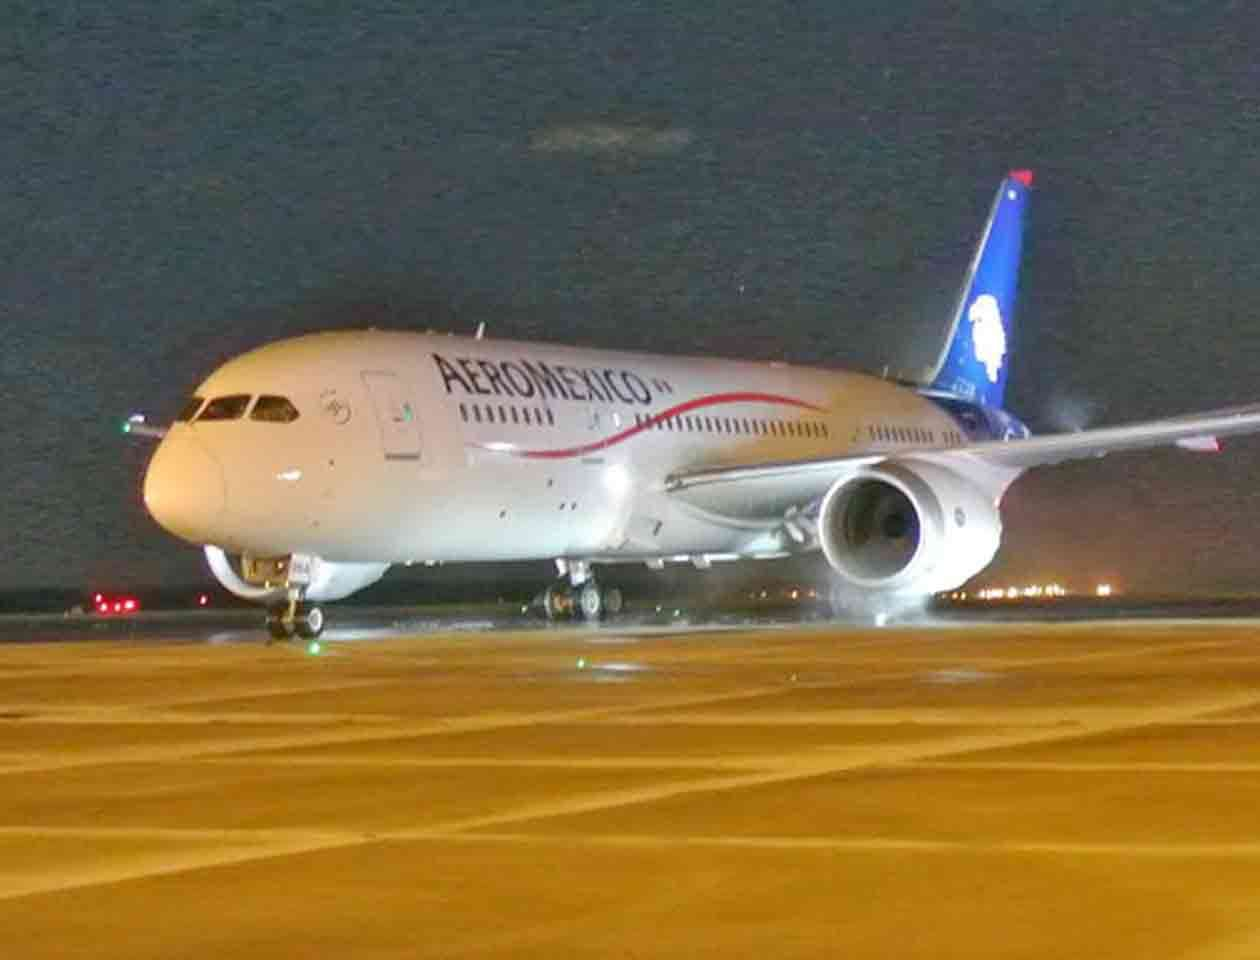 En Aeroméxico, si el pasajero decide no utilizar el servicio, el boleto cuenta con un año de vigencia a partir de la fecha de expedición Foto: Notimex/Archivo